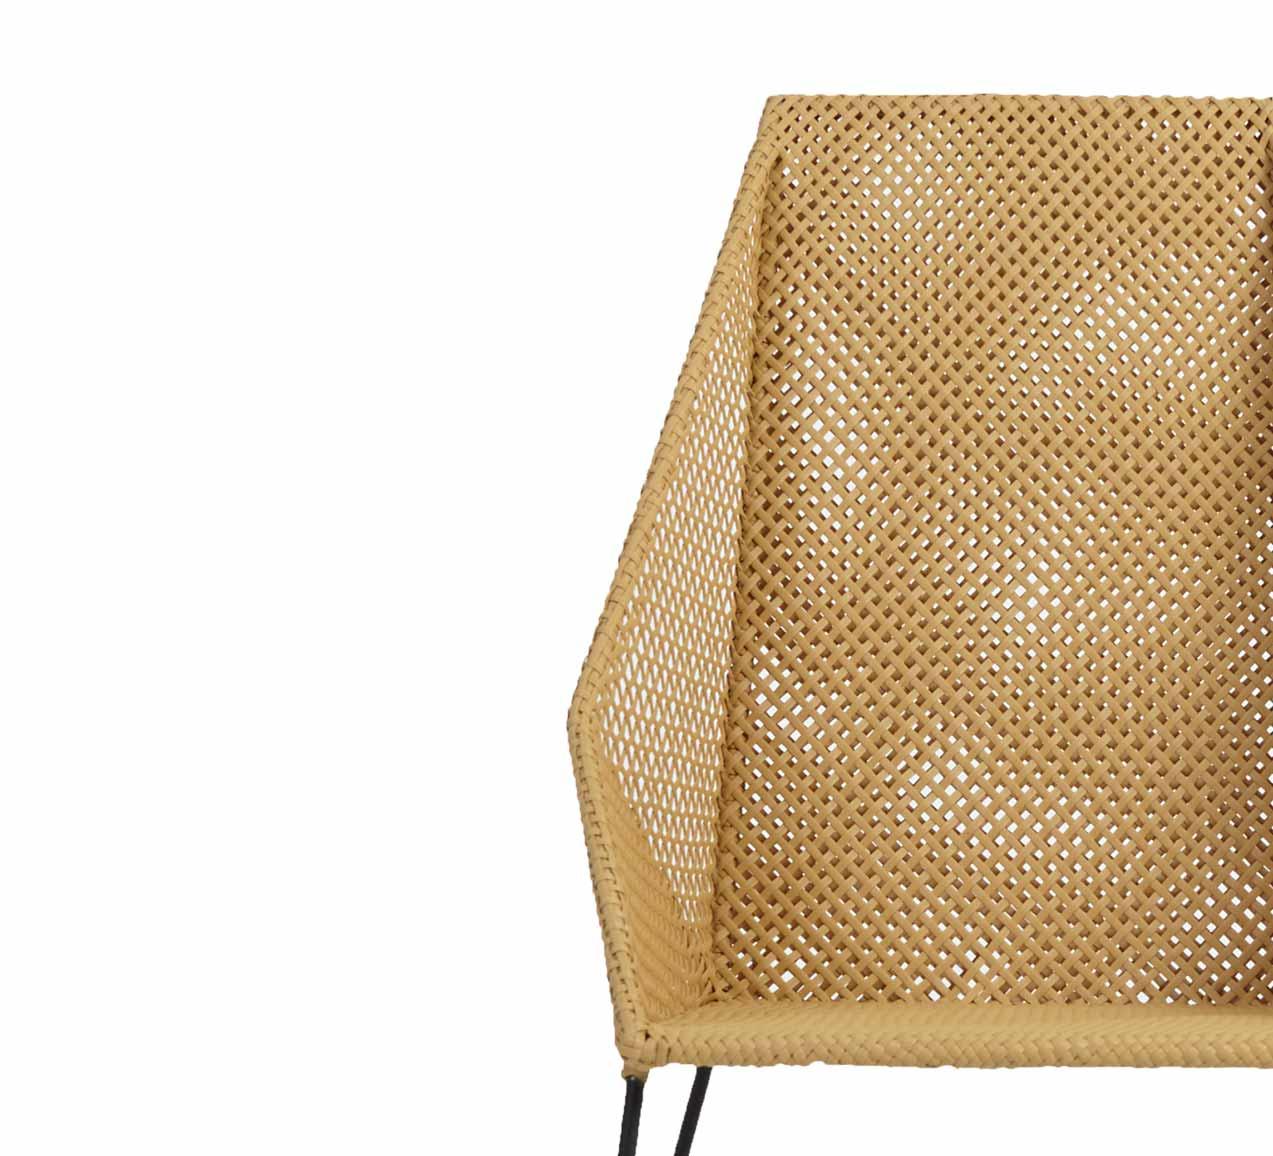 Hudoq Chair Right